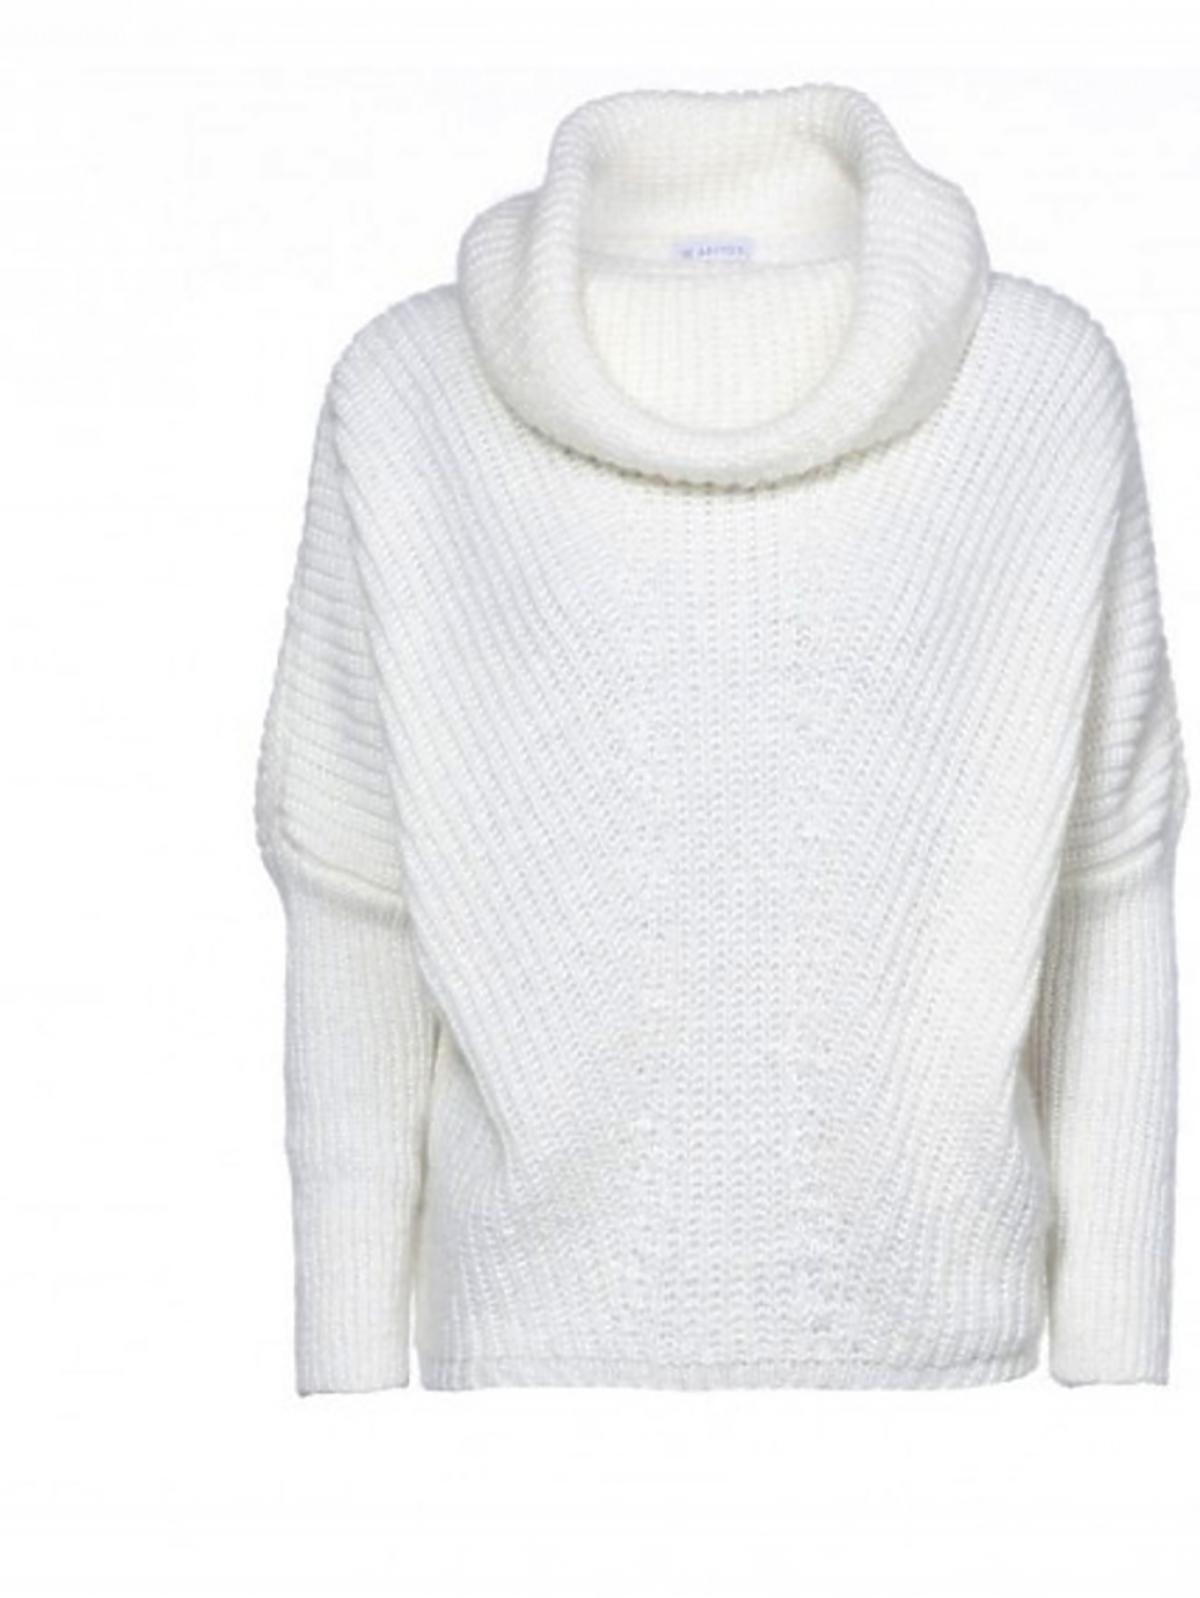 Sweter Patrizia Aryton, 349 zł